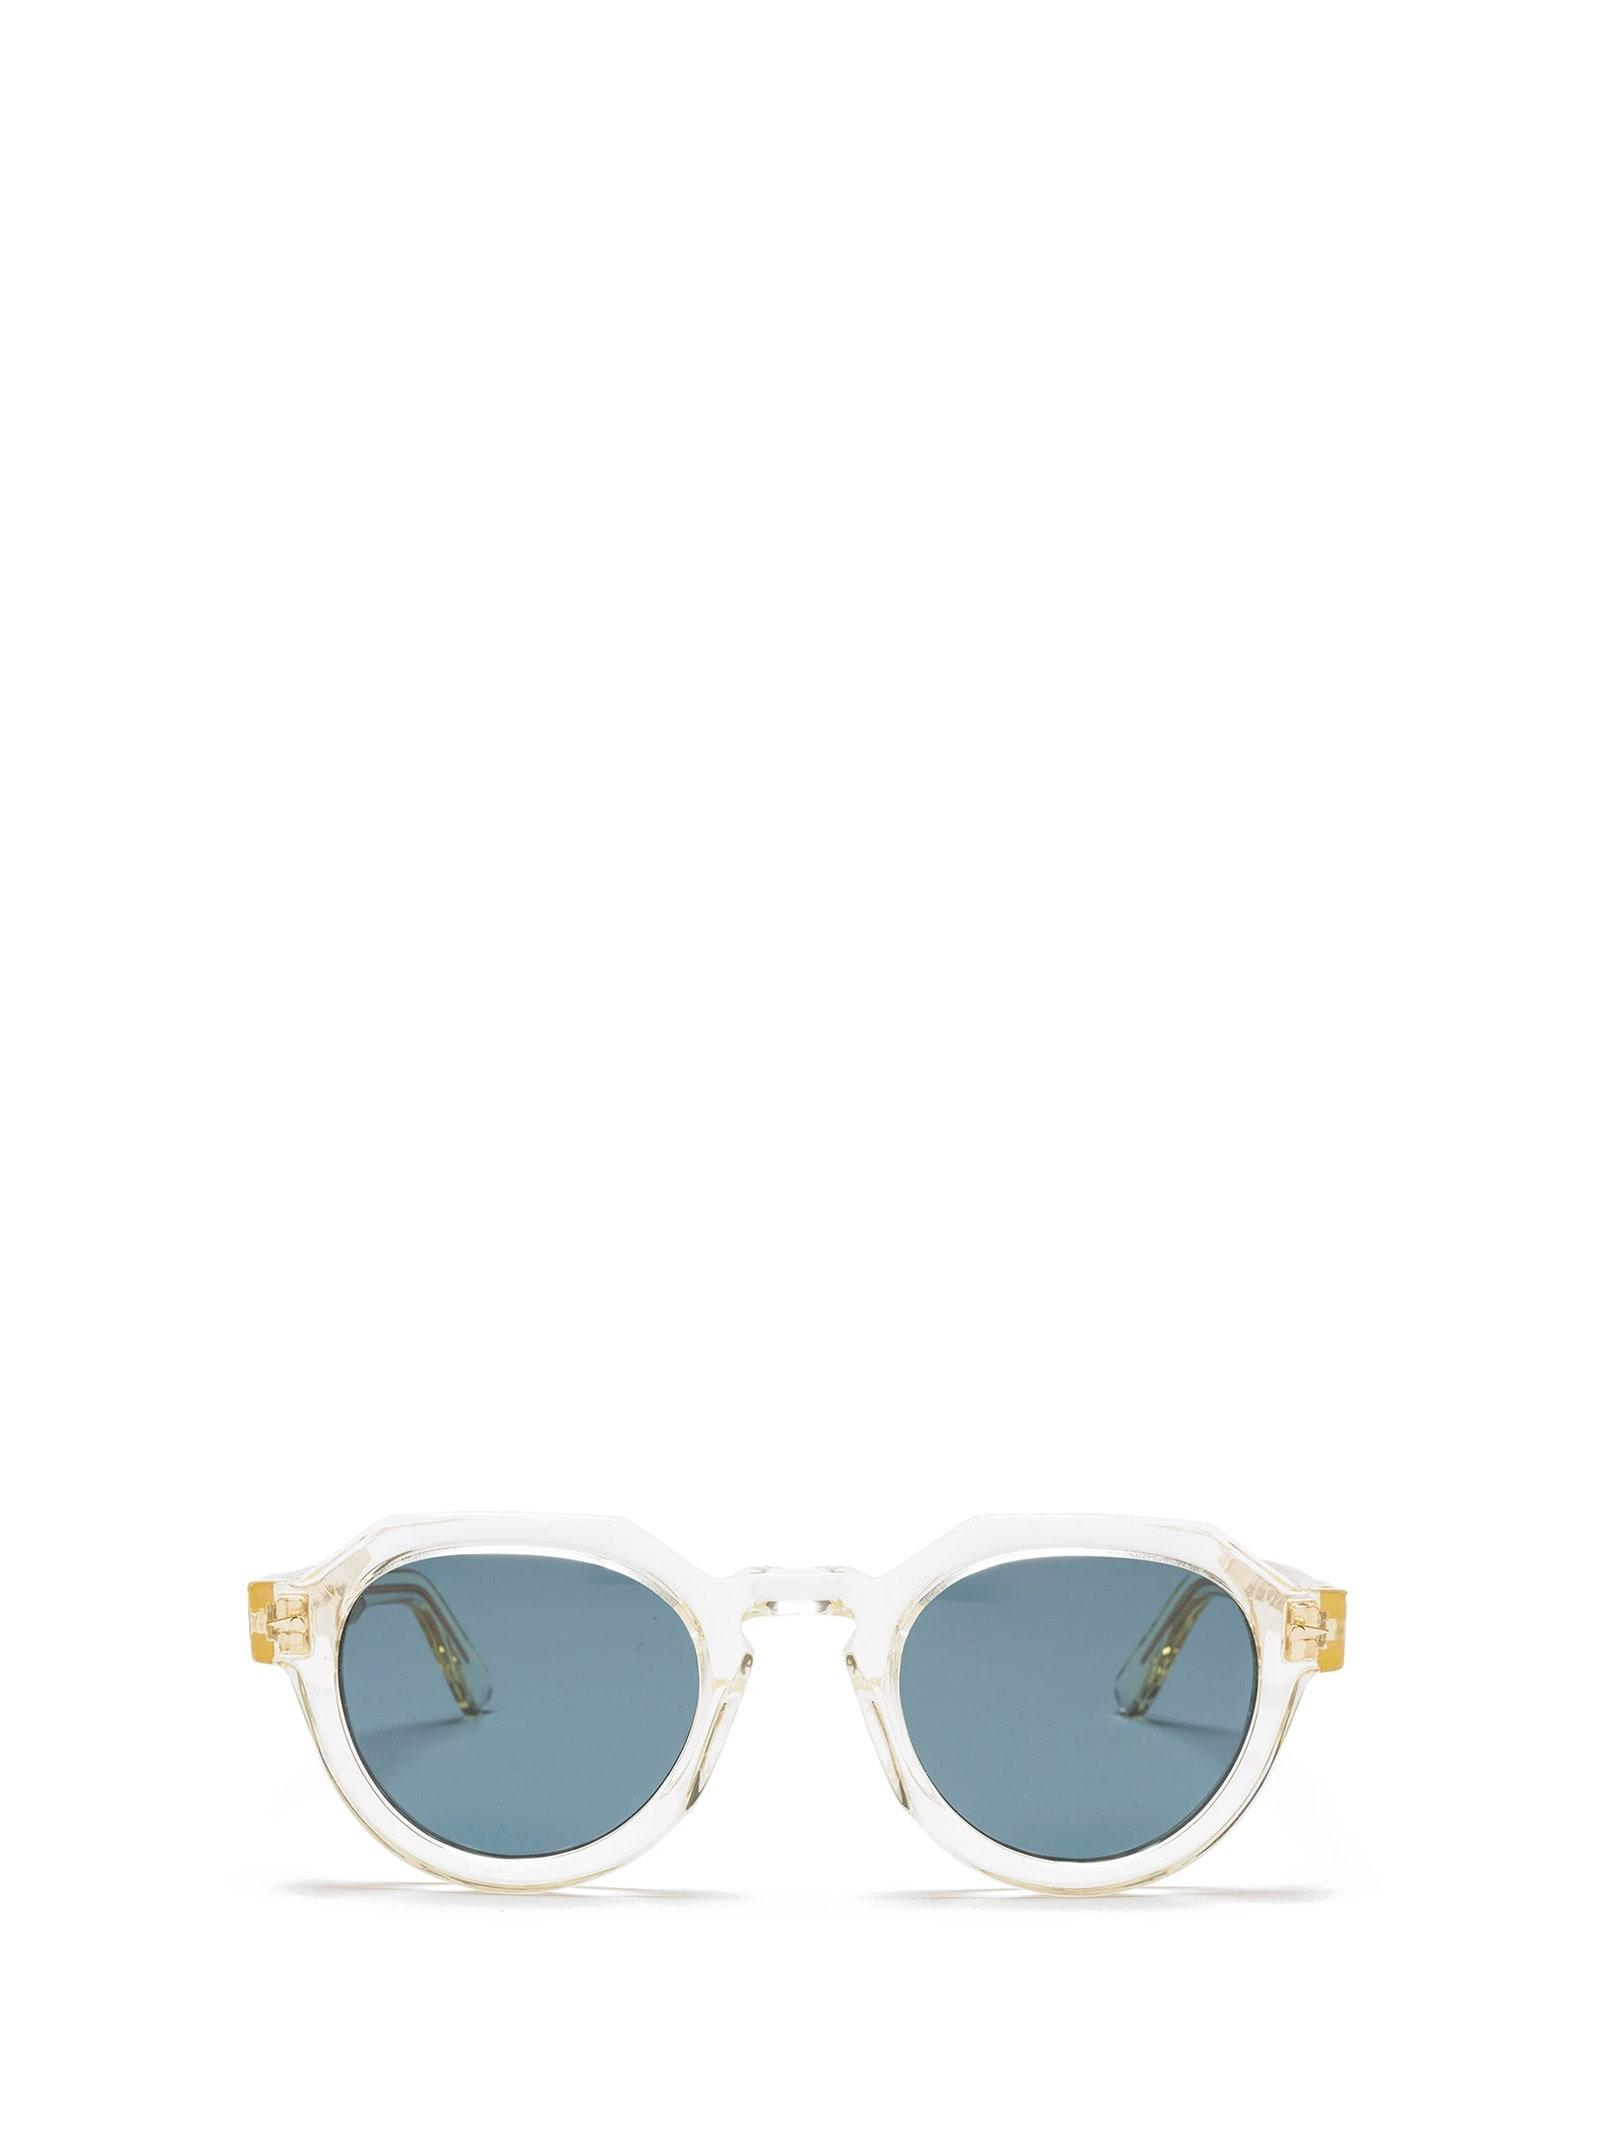 Ahlem Grenelle Goldlight Sunglasses